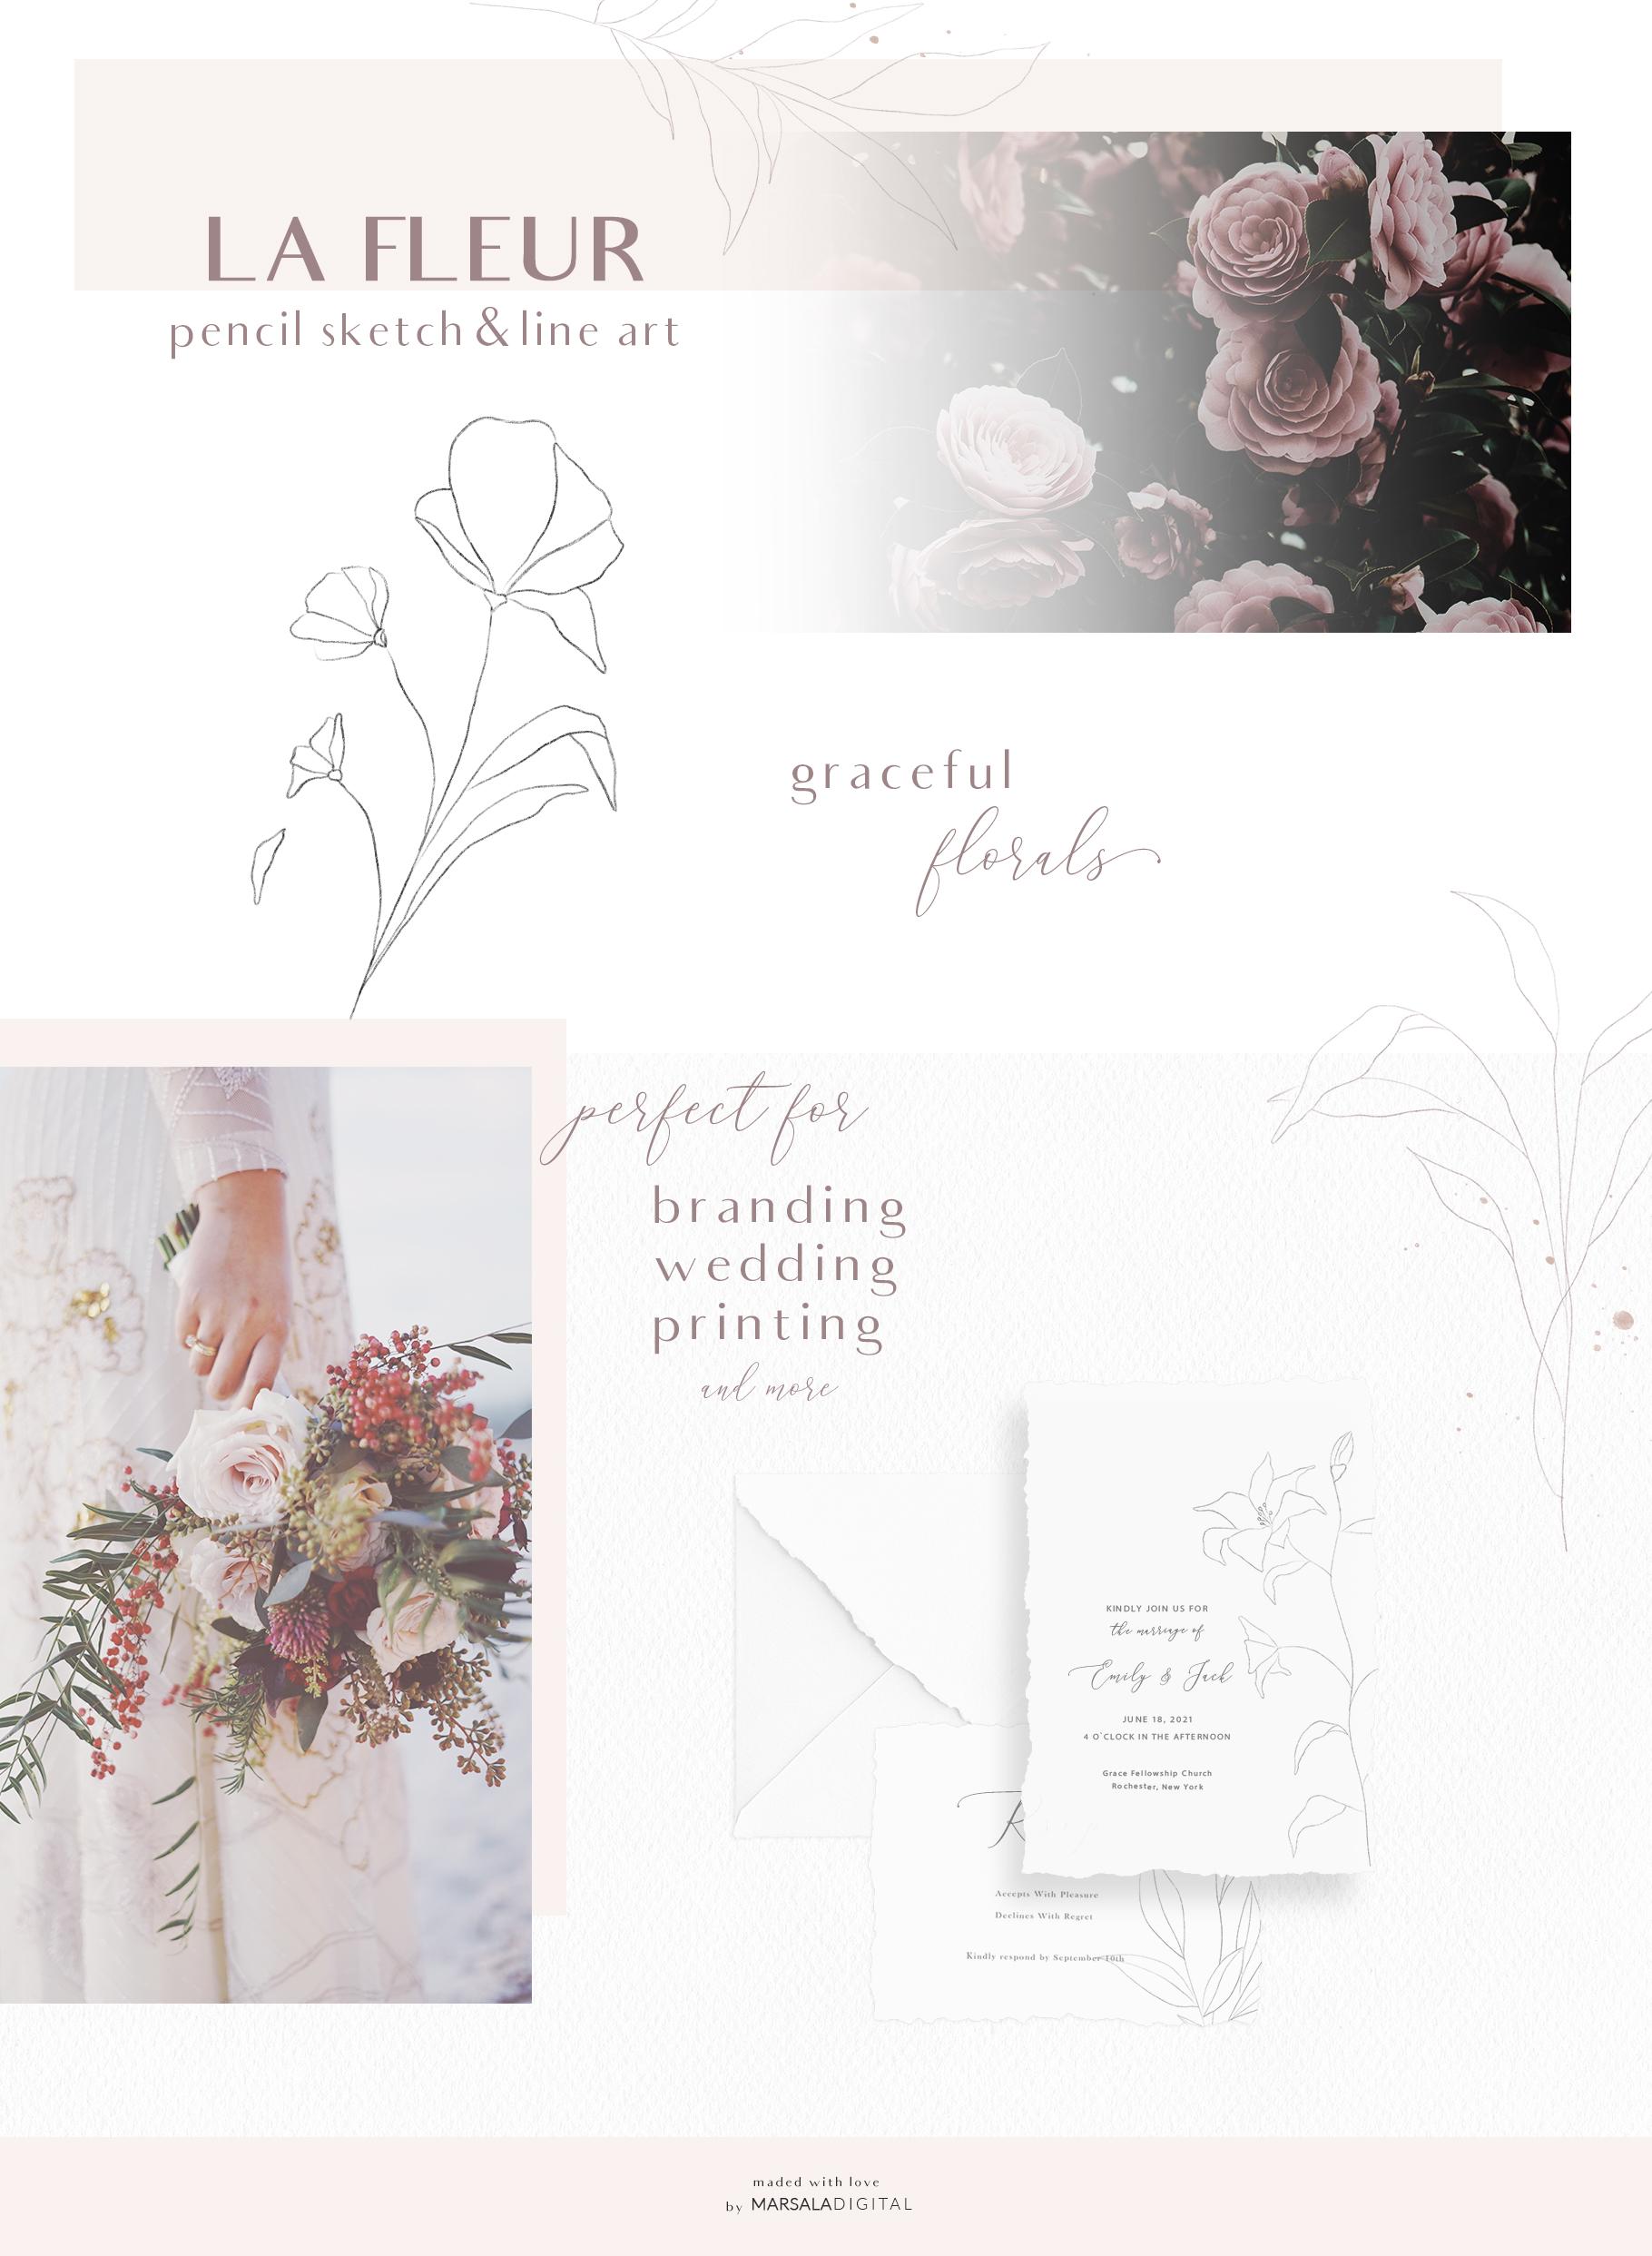 Floral Pencil Sketches Line Art - La fleur example image 2